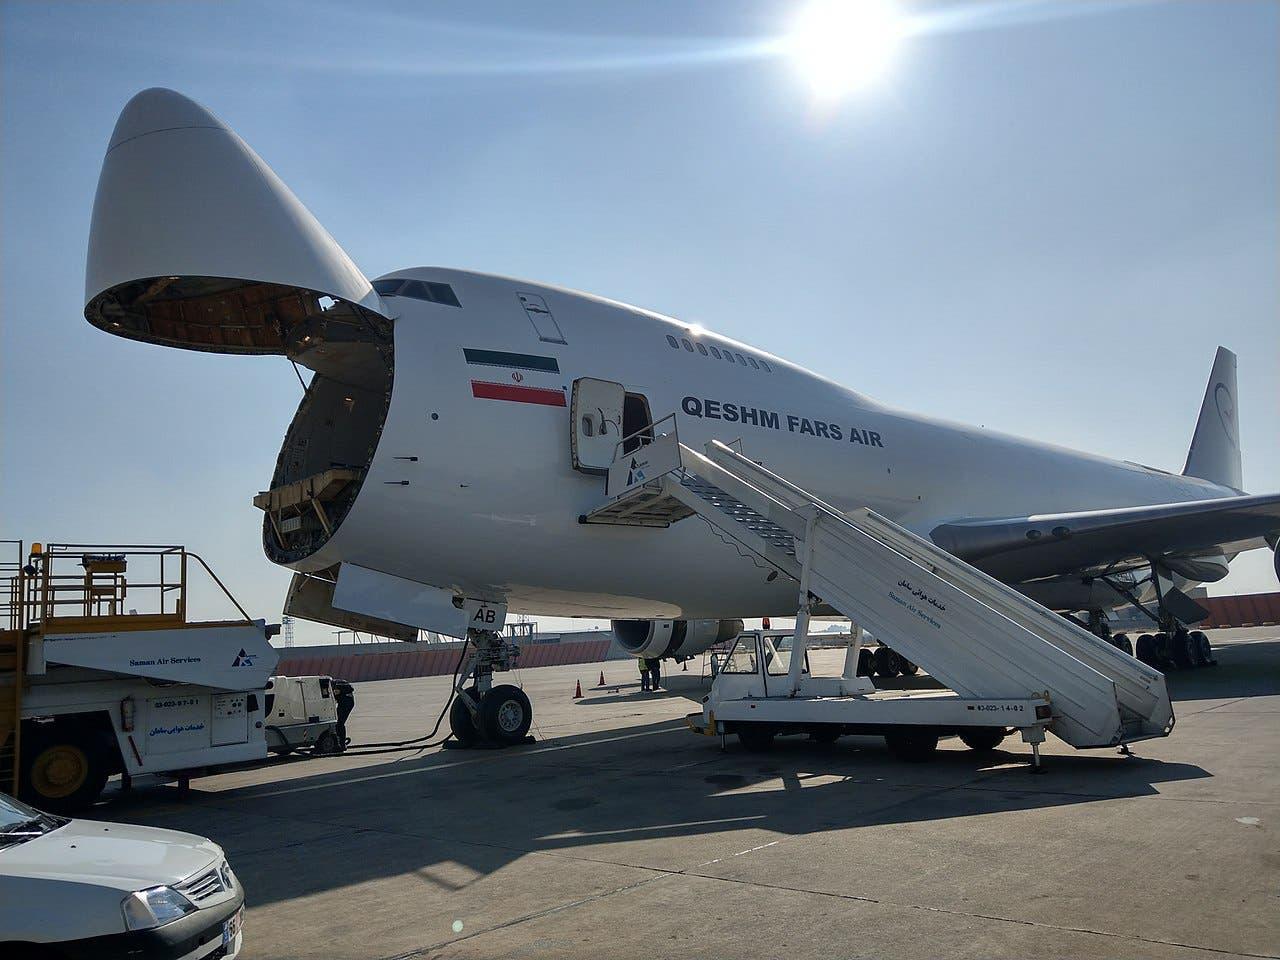 Fars Air Qeshm